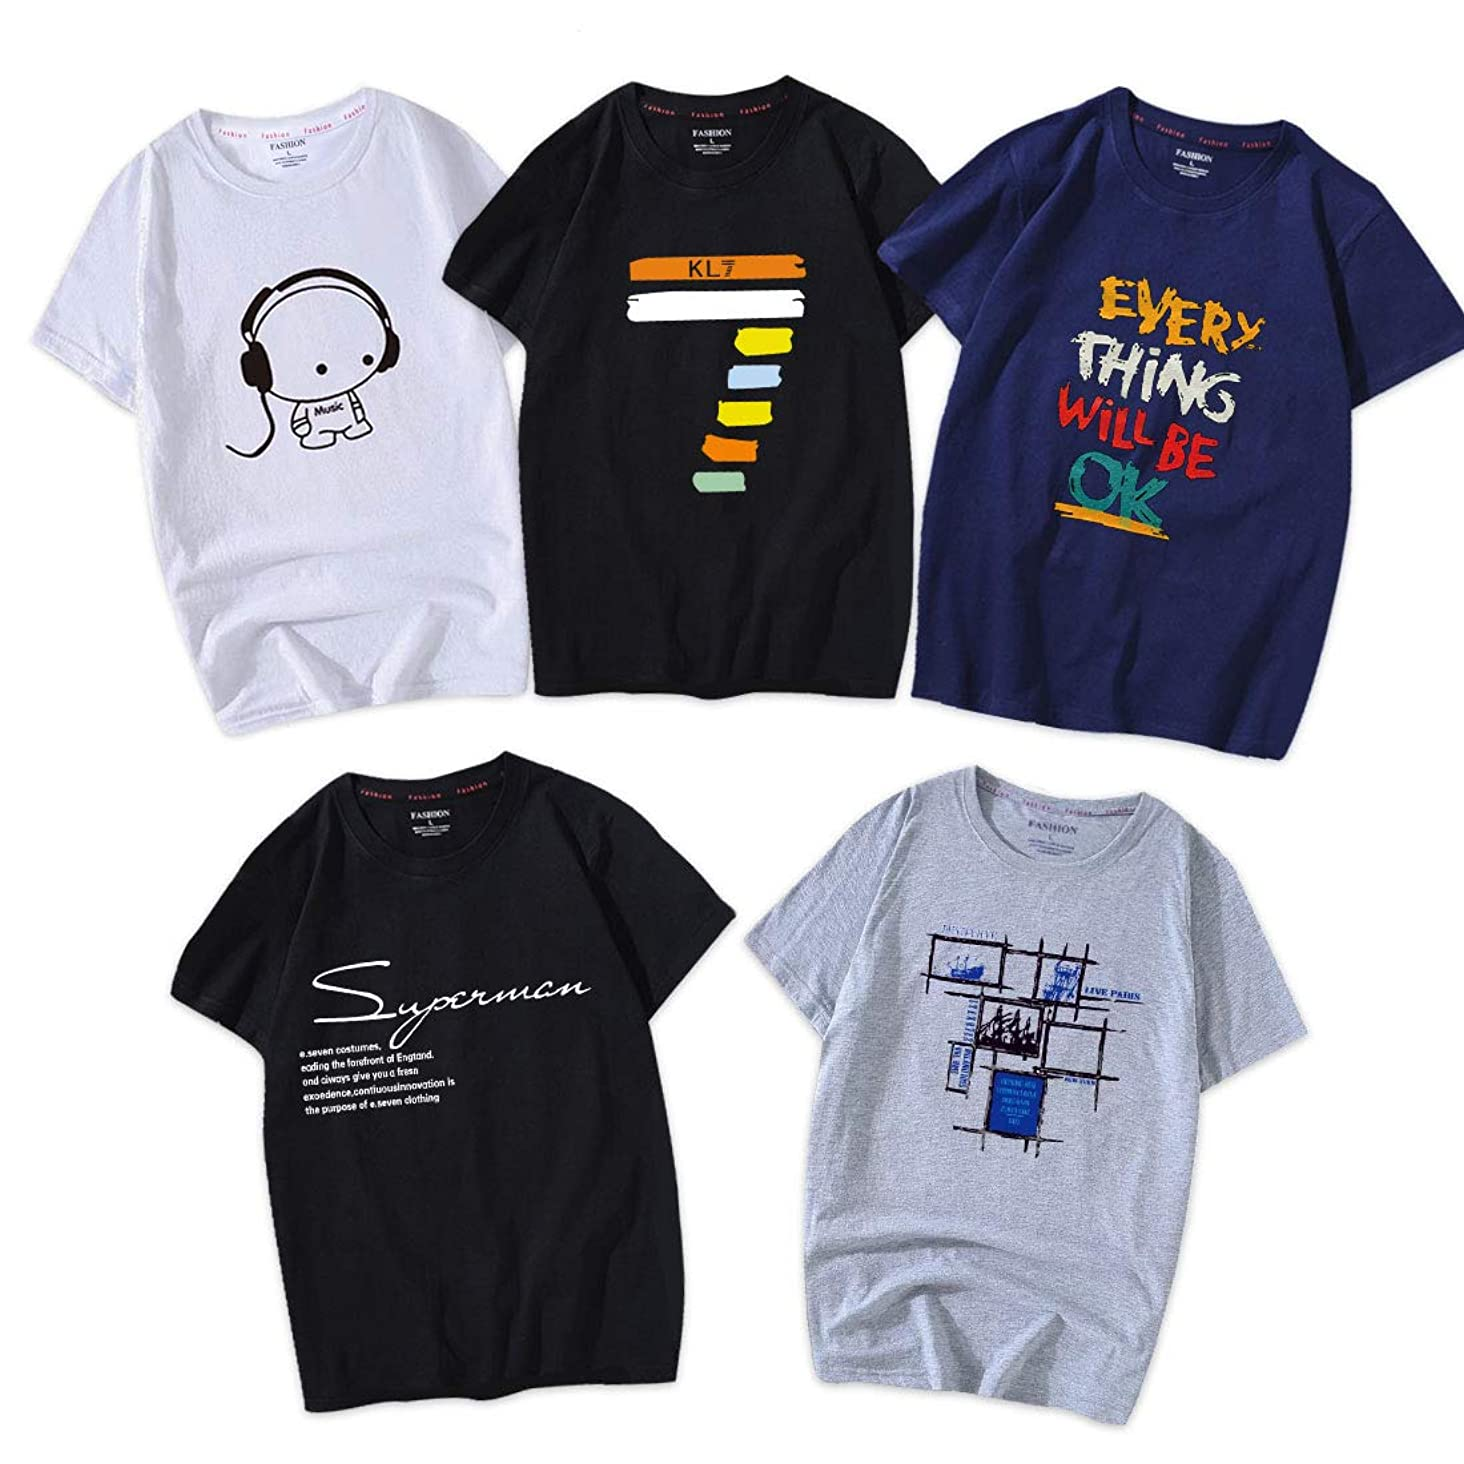 時間とともに十億アデレードHisitosa Tシャツ 半袖 服 メンズ 夏 5点セット カジュアル カットソー ファッション 丸襟 柔らかい 快適